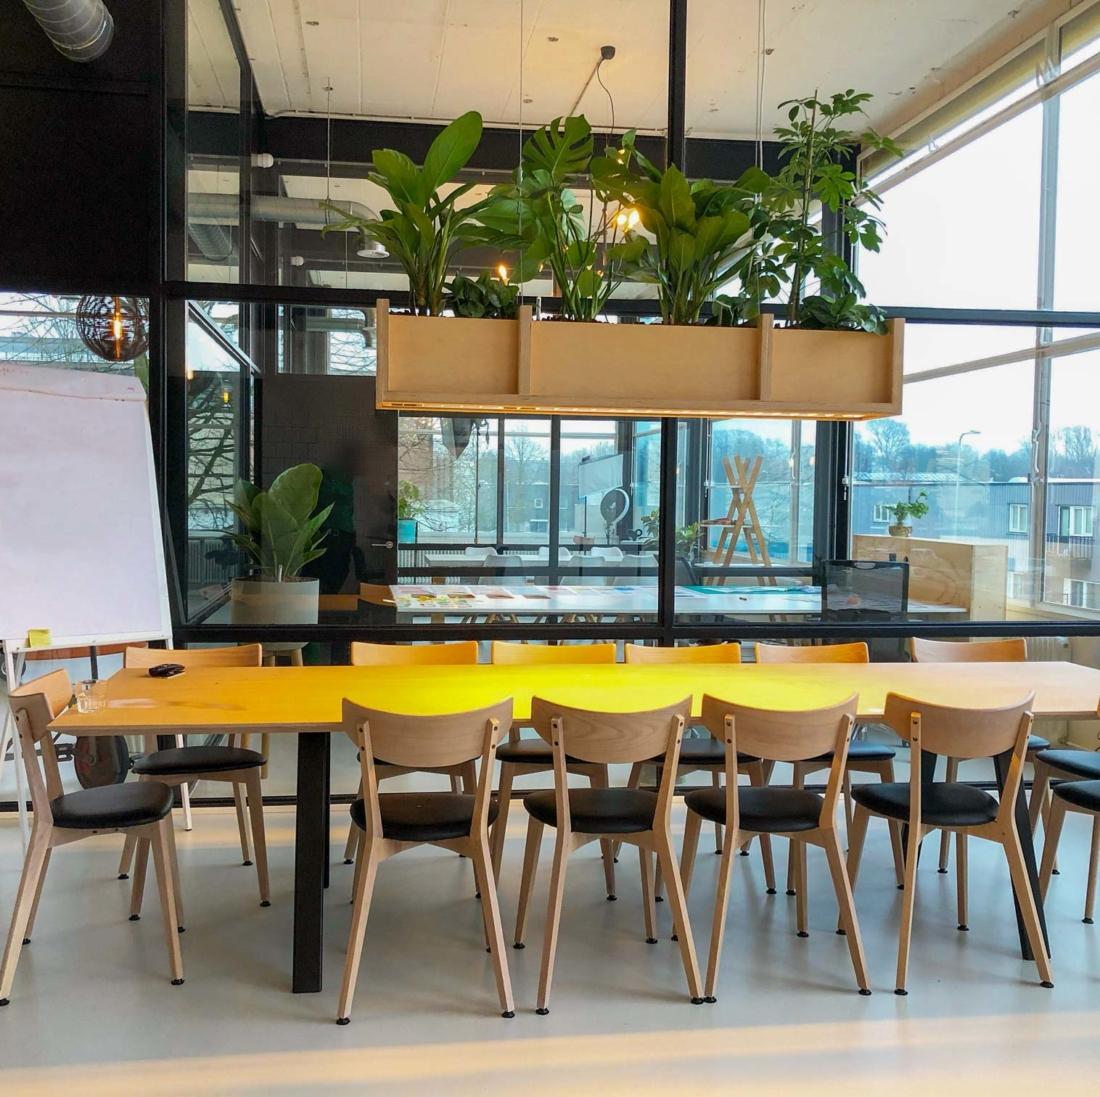 rechthoek-plantenbak-hangend-hout-2-1100x1097.jpg